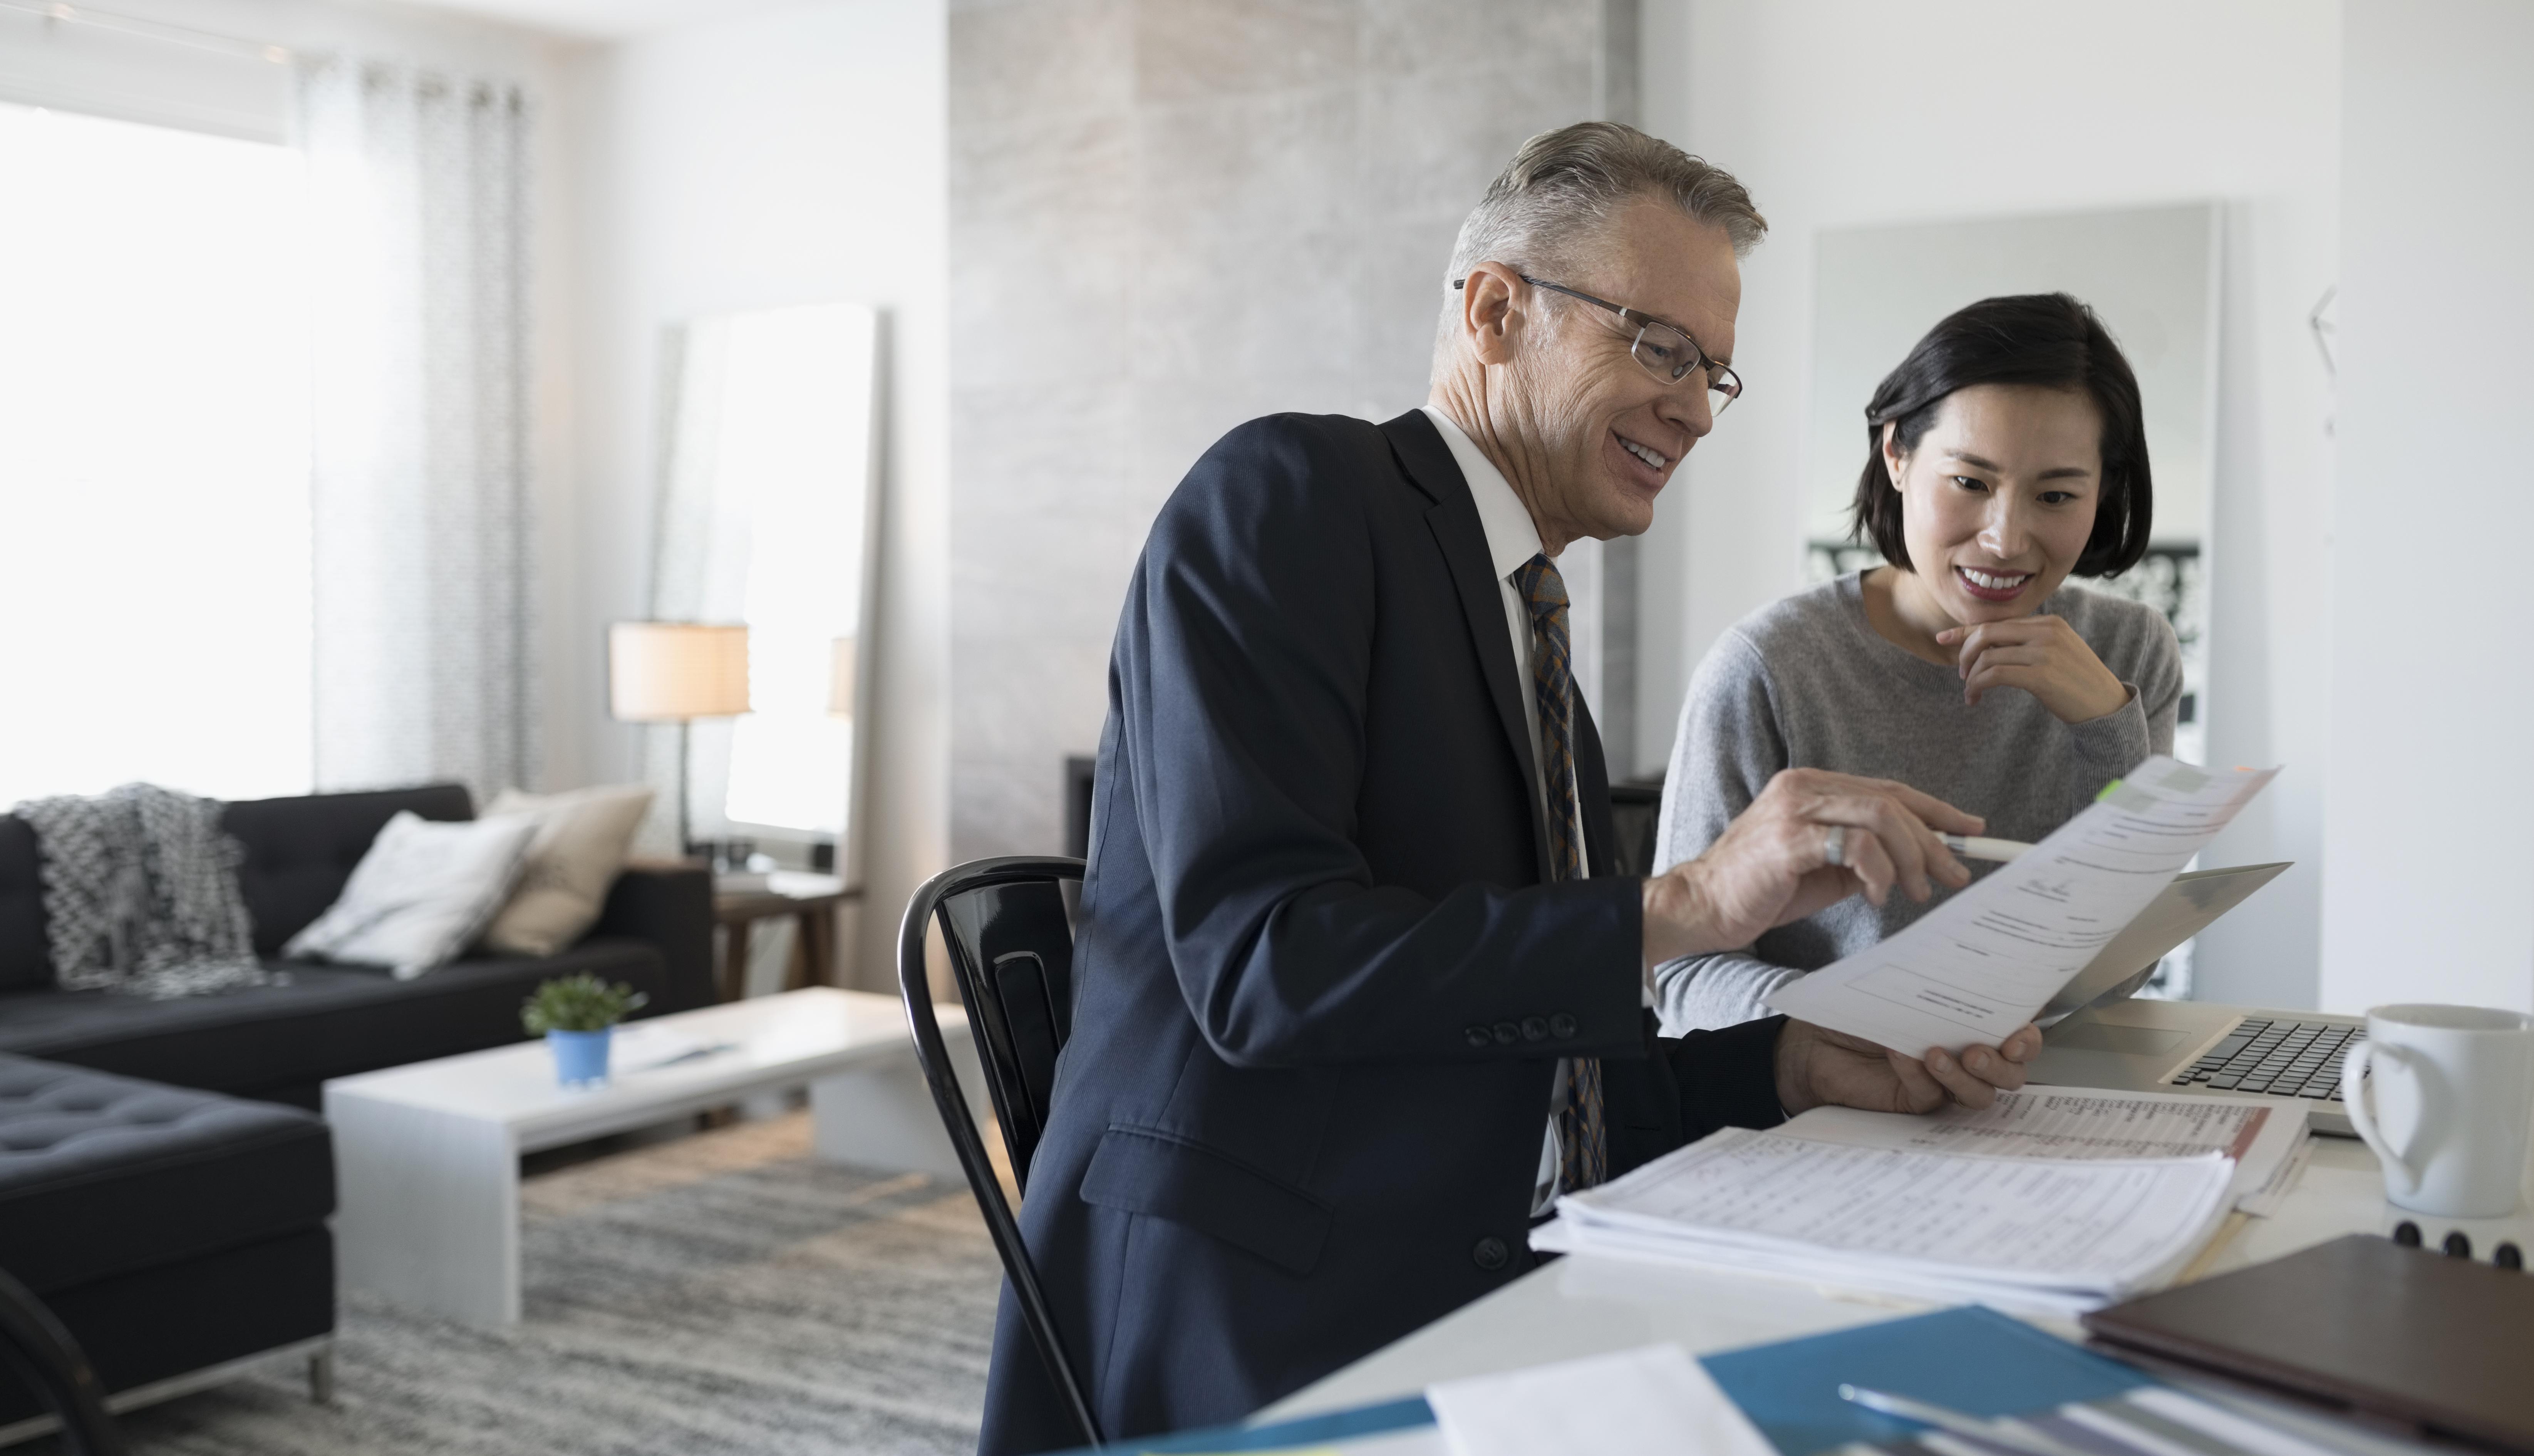 Un asesor financiero se reune con una mujer en su casa.